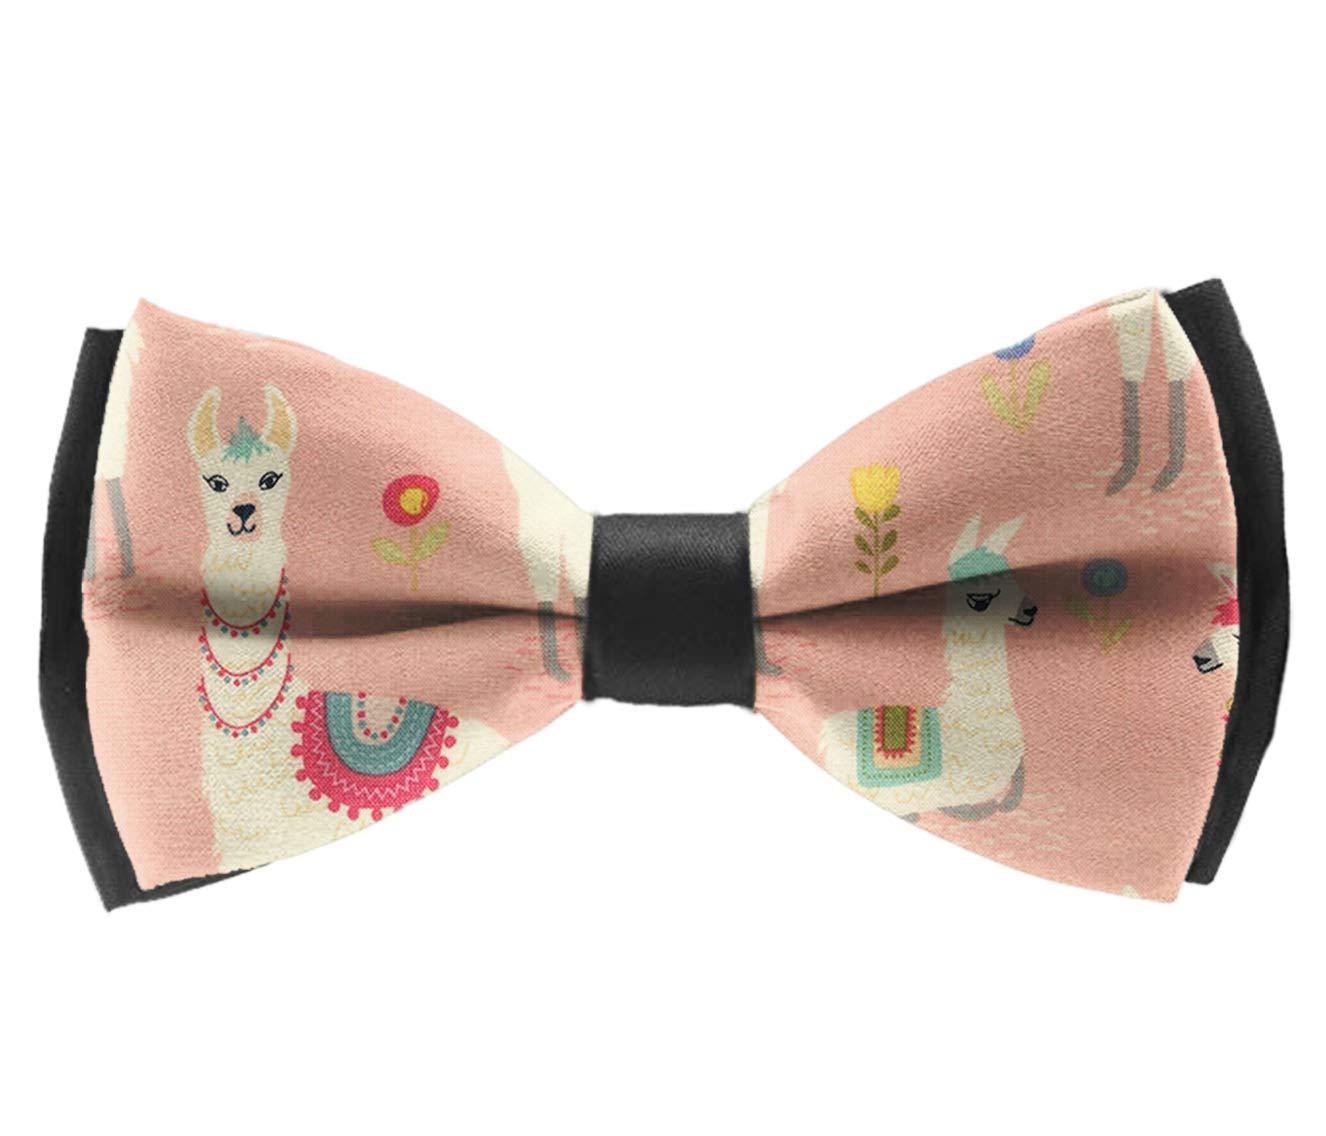 INWANZI Adjustable Length Pre-Tied Bow Tie for Men /& Boys Elegant Pink Llama Bowtie